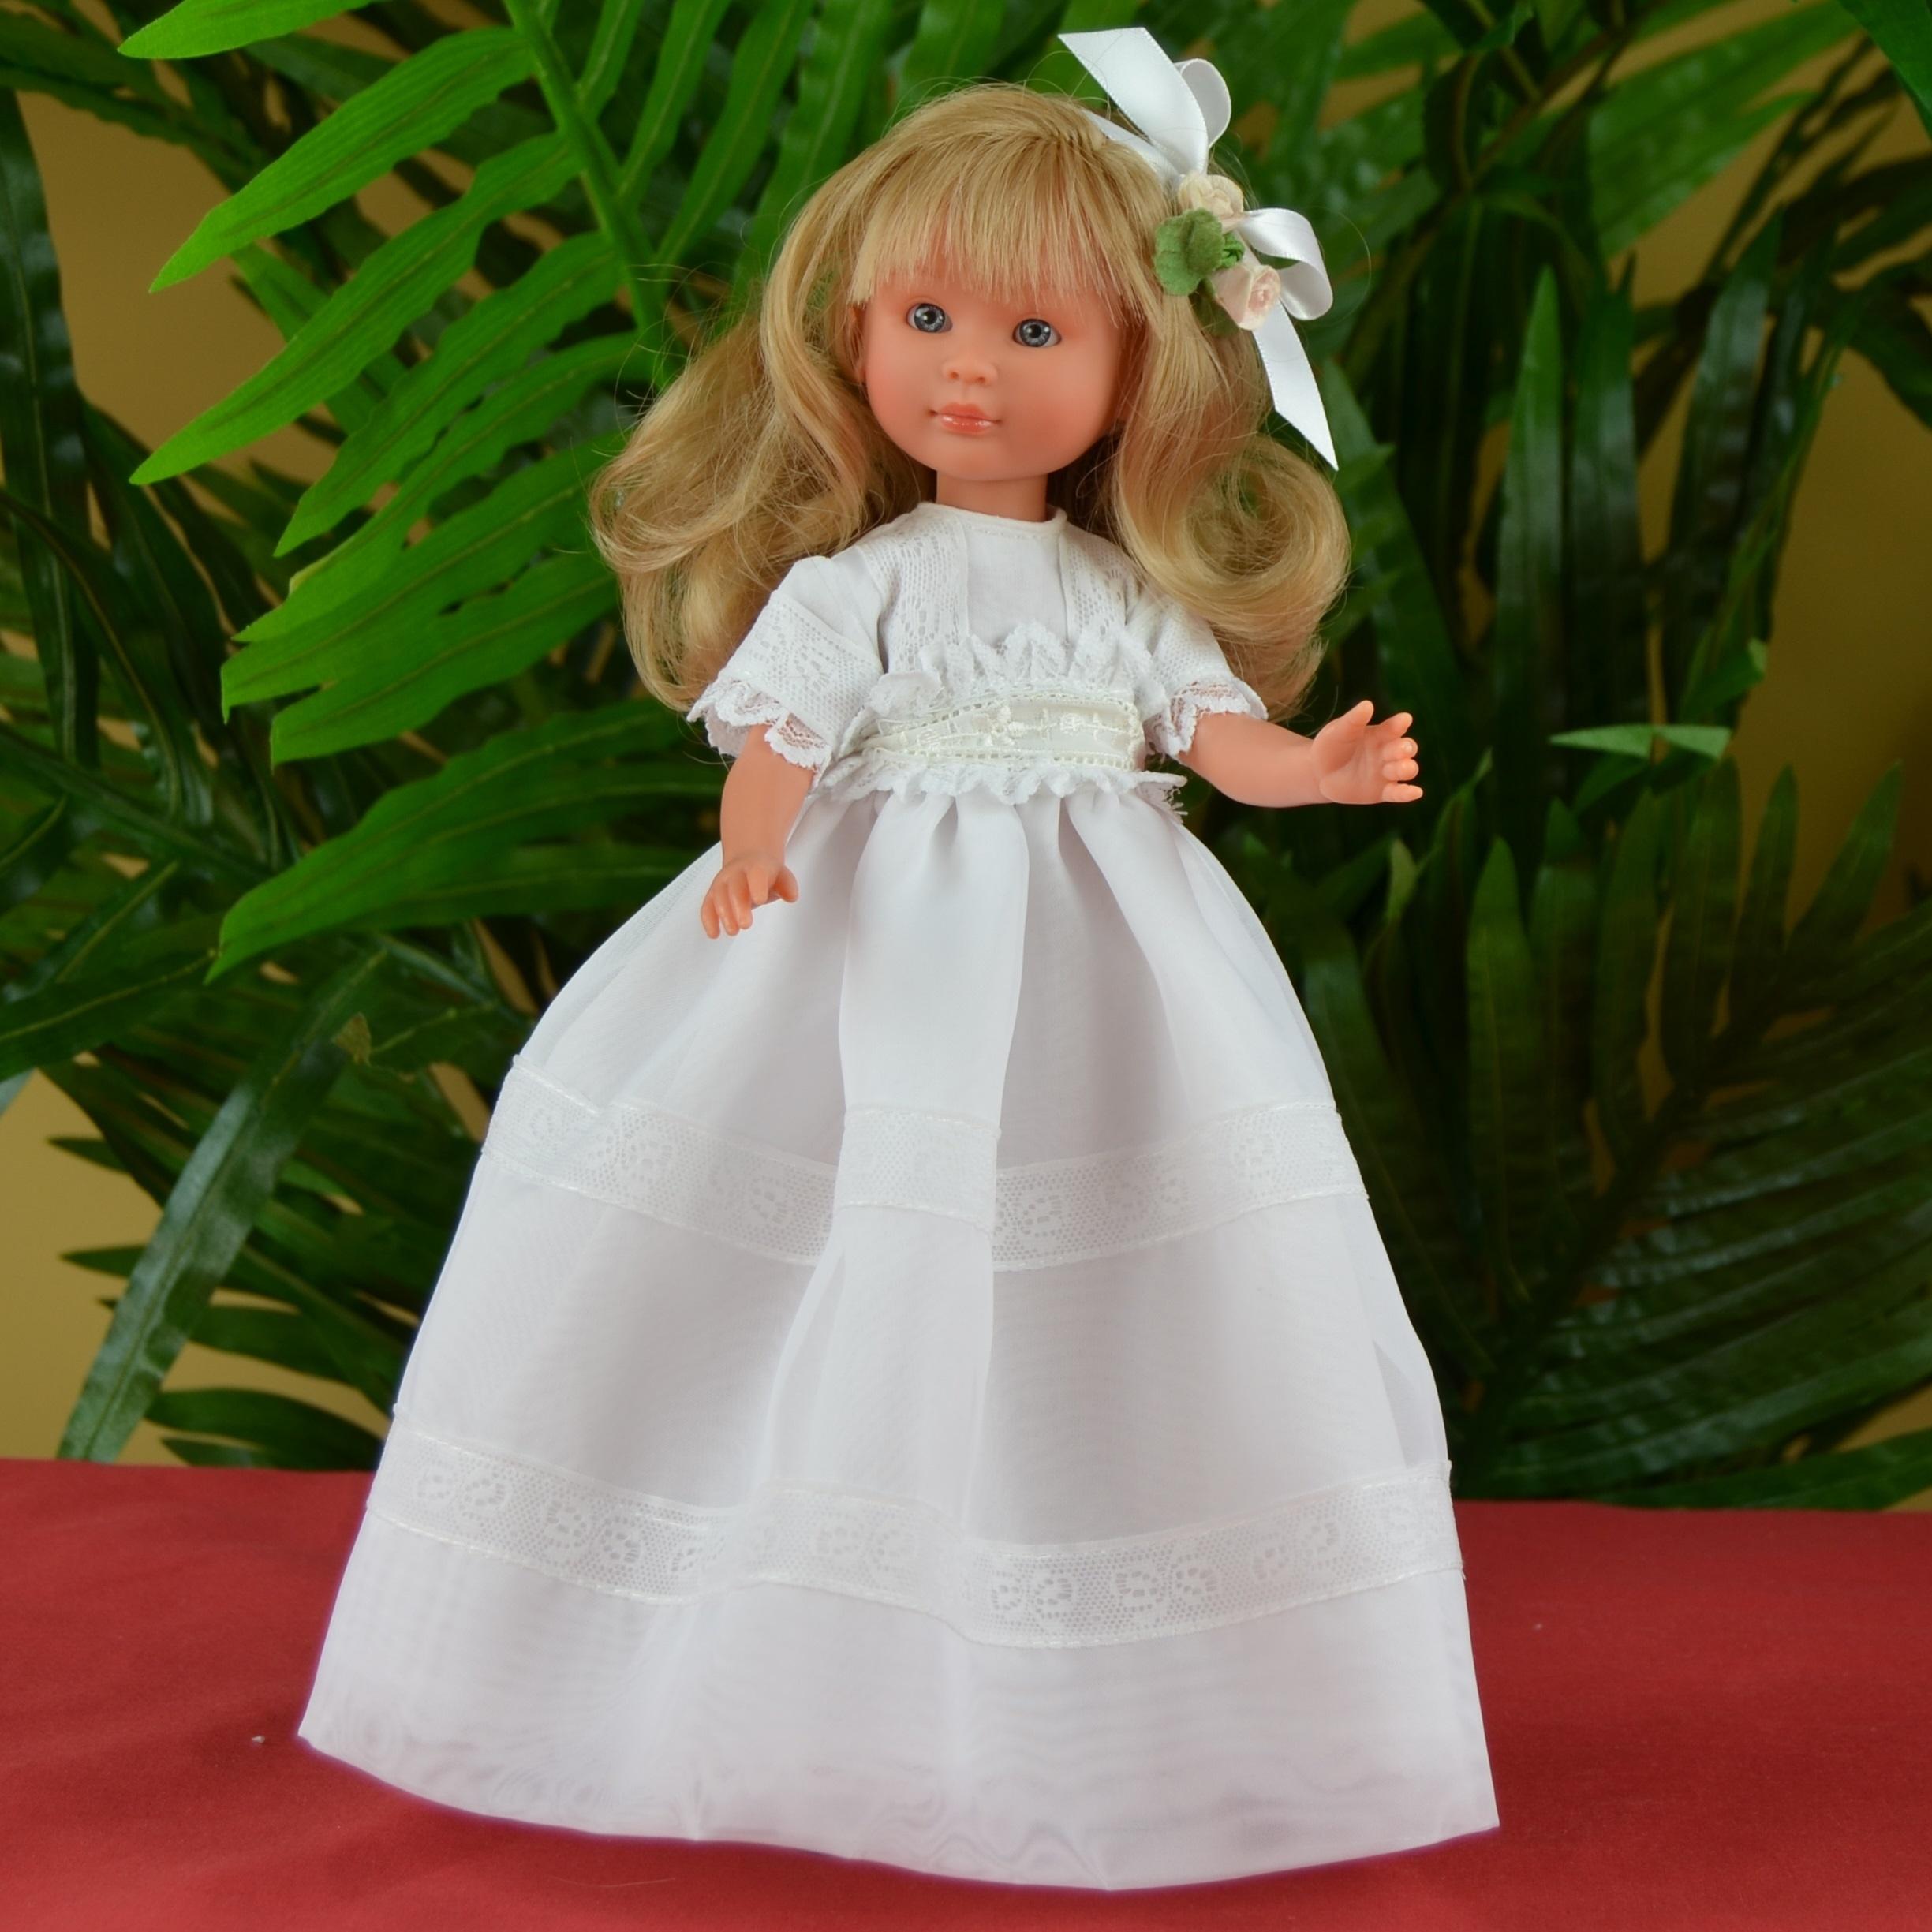 Кукла Селия в белом платье, 30 см.Куклы ASI (Испания)<br>Кукла Селия в белом платье, 30 см.<br>